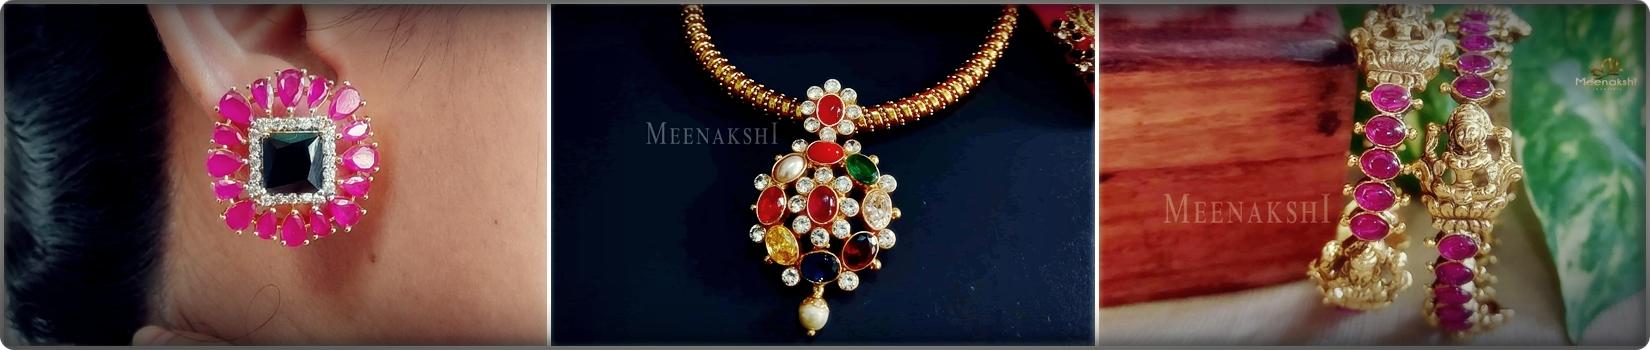 House of Meenakshi Jewellers